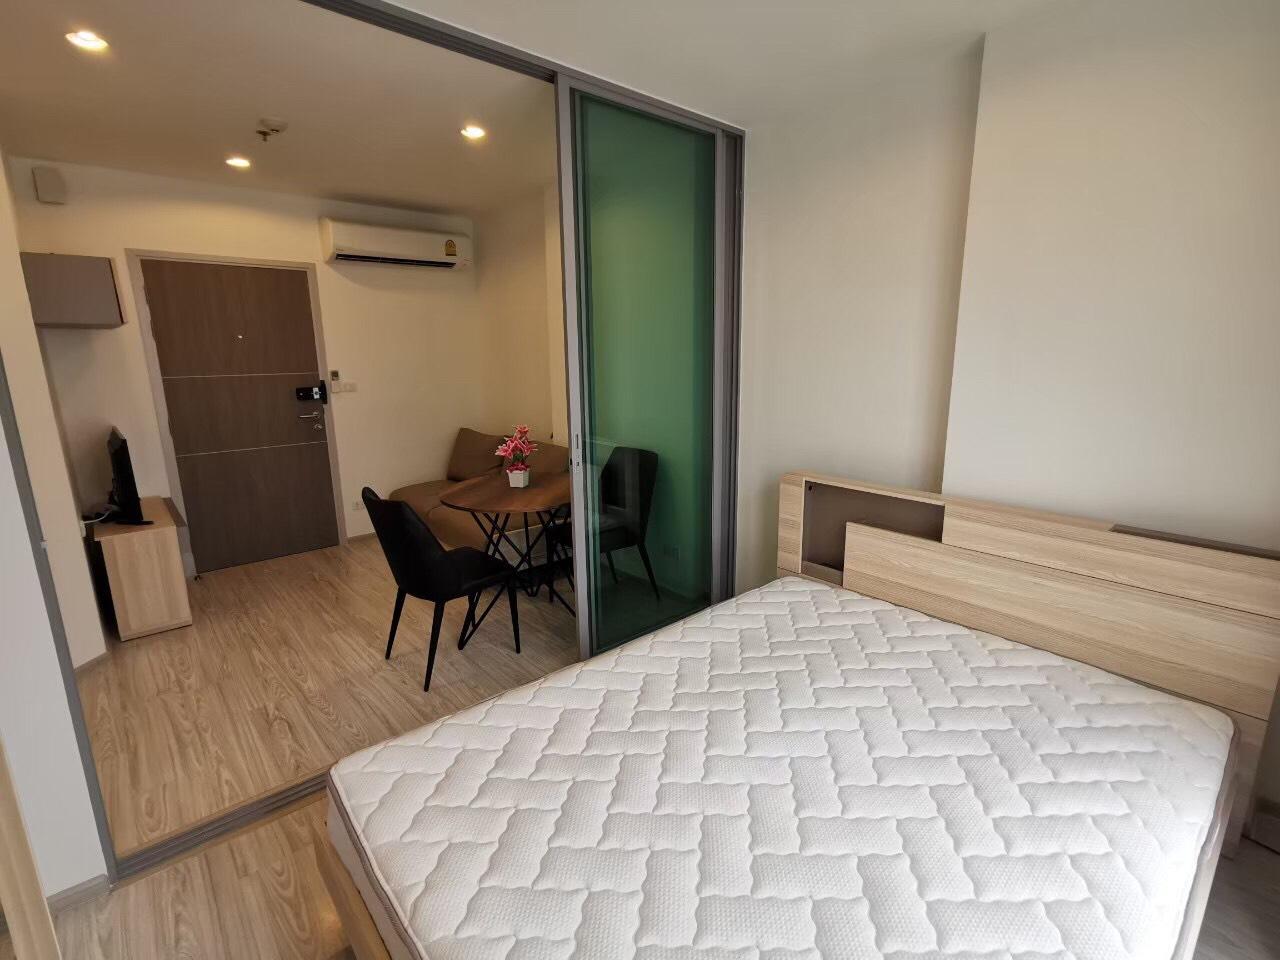 ภาพคอนโดให้เช่า ไอดีโอ โมบิ บางซื่อ แกรนด์ อินเตอร์เชนจ์    บางซื่อ บางซื่อ 1 ห้องนอน พร้อมอยู่ ราคาถูก